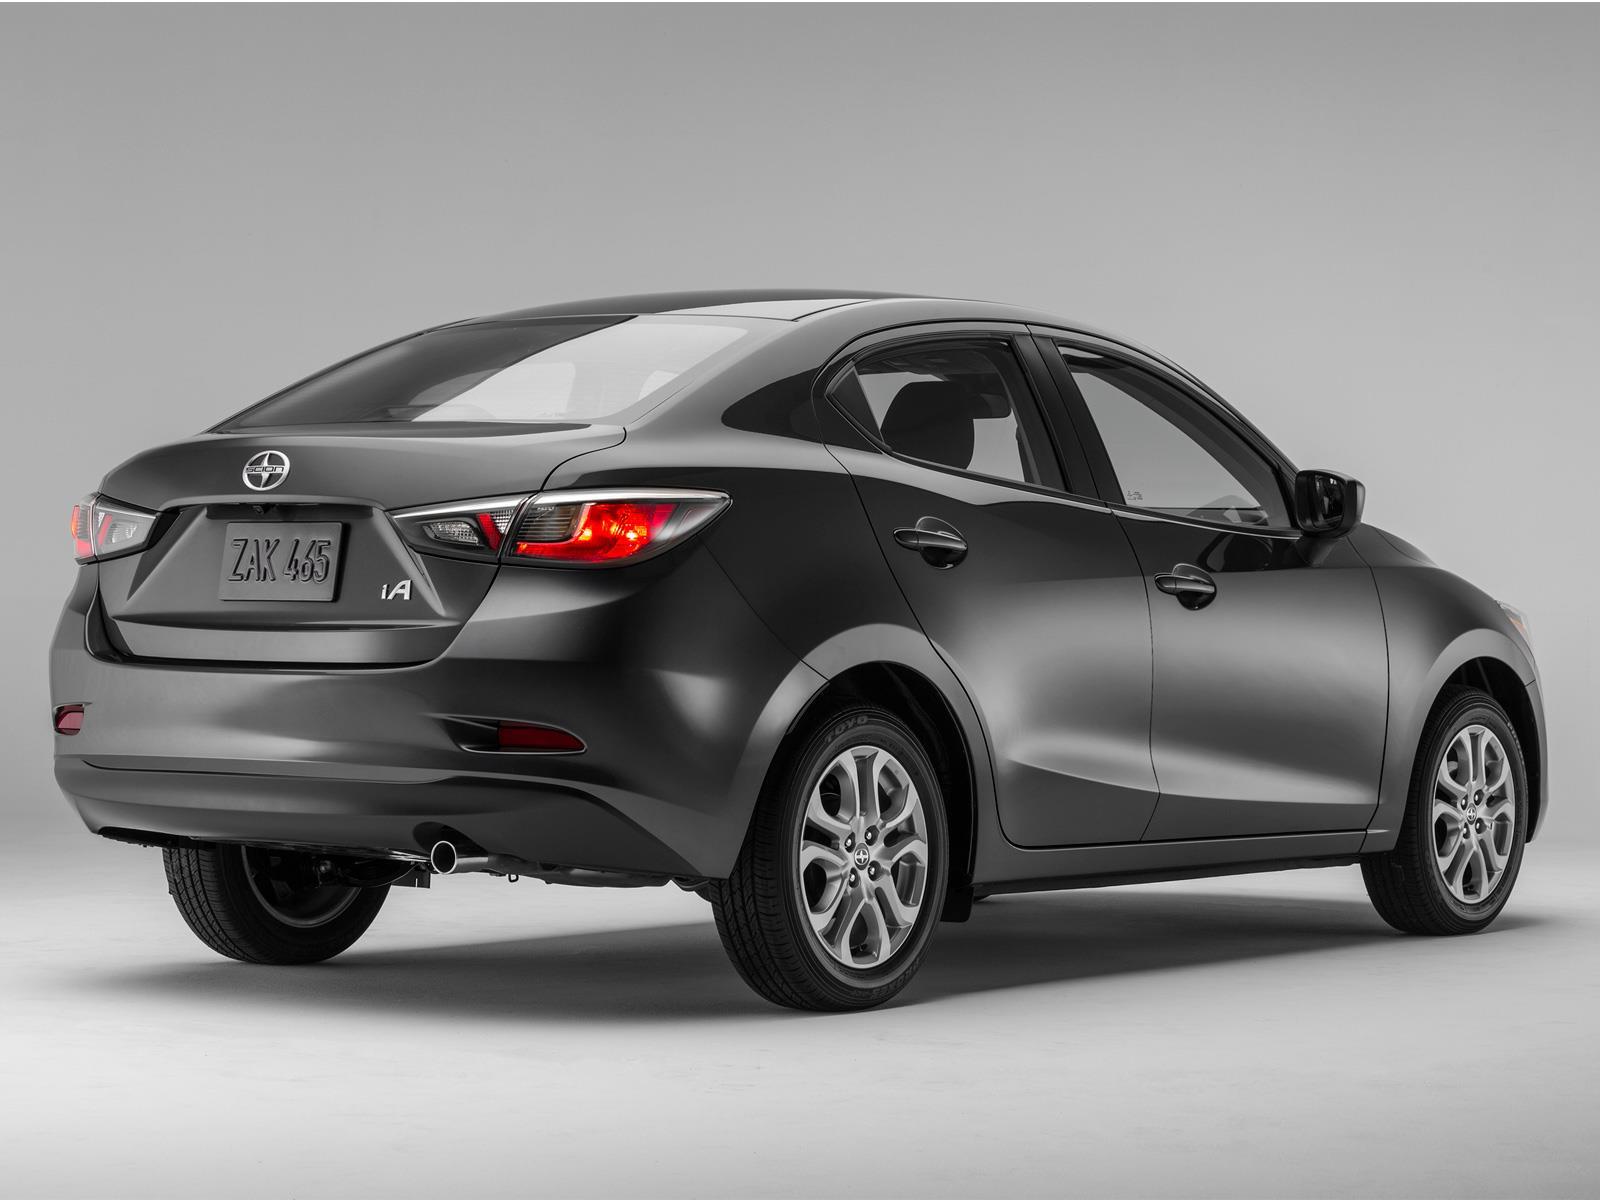 Toyota Yaris R inicia producción en México - Autocosmos.com